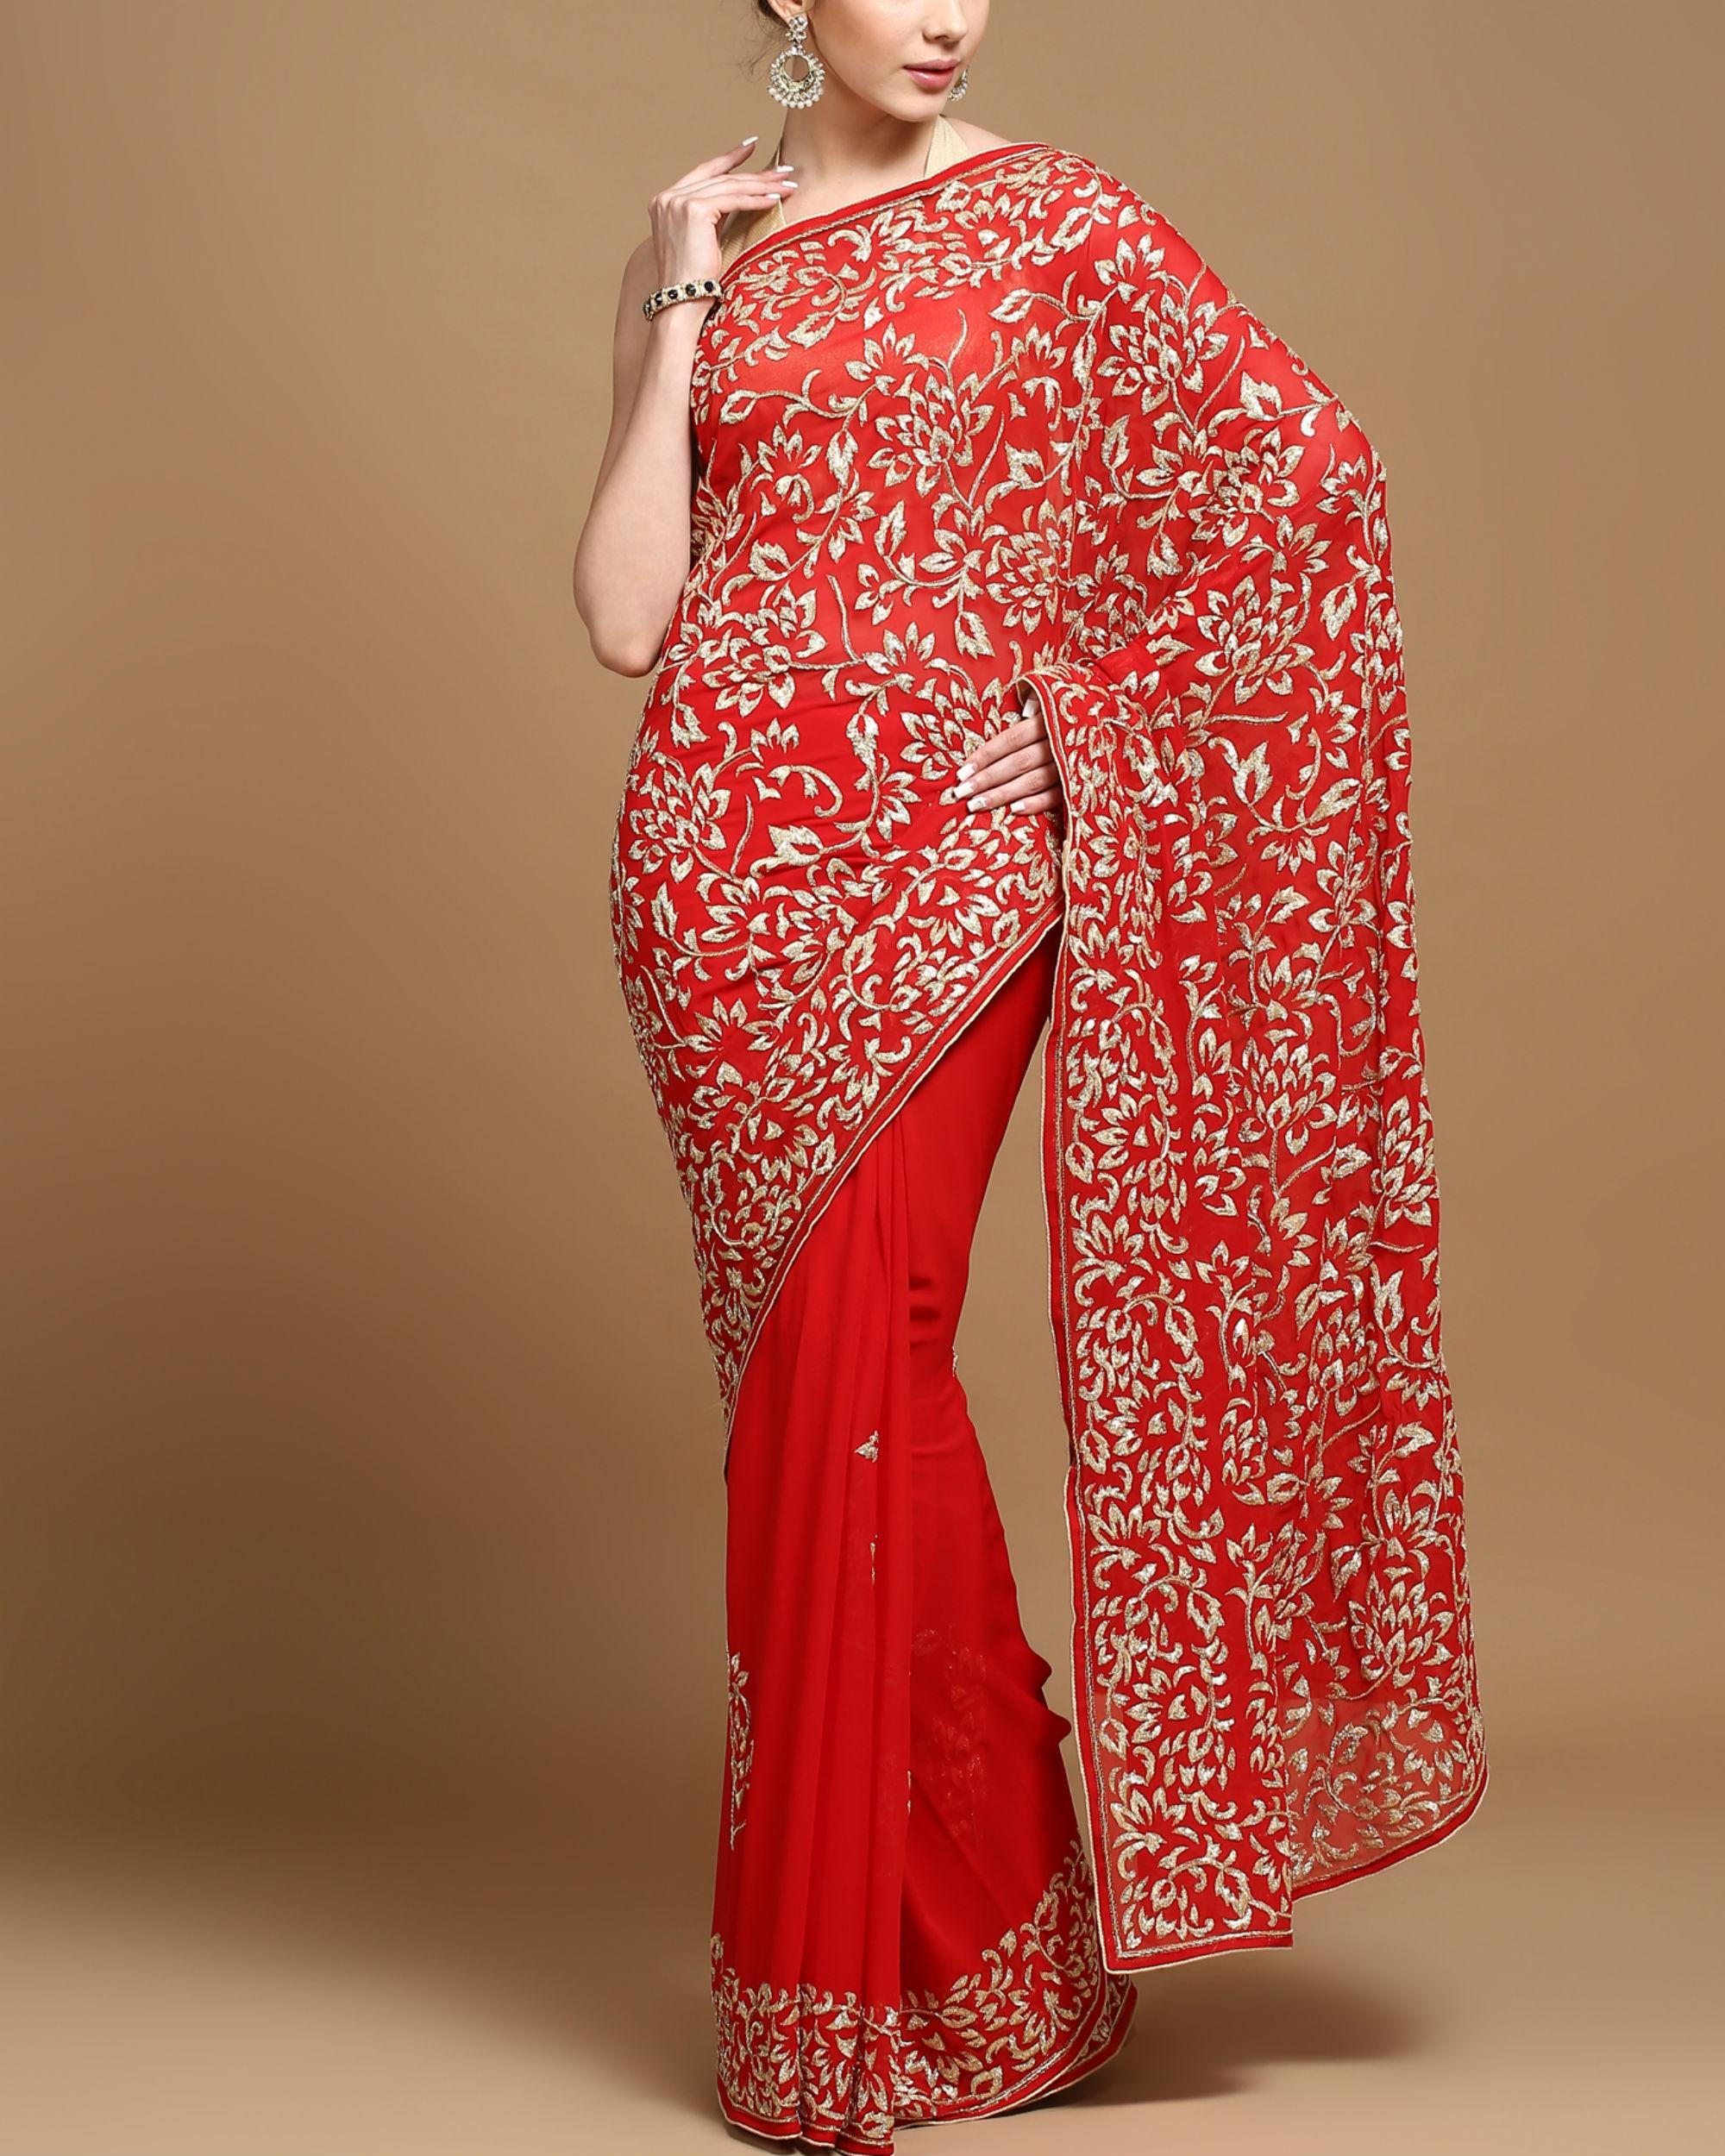 Mughal love sari